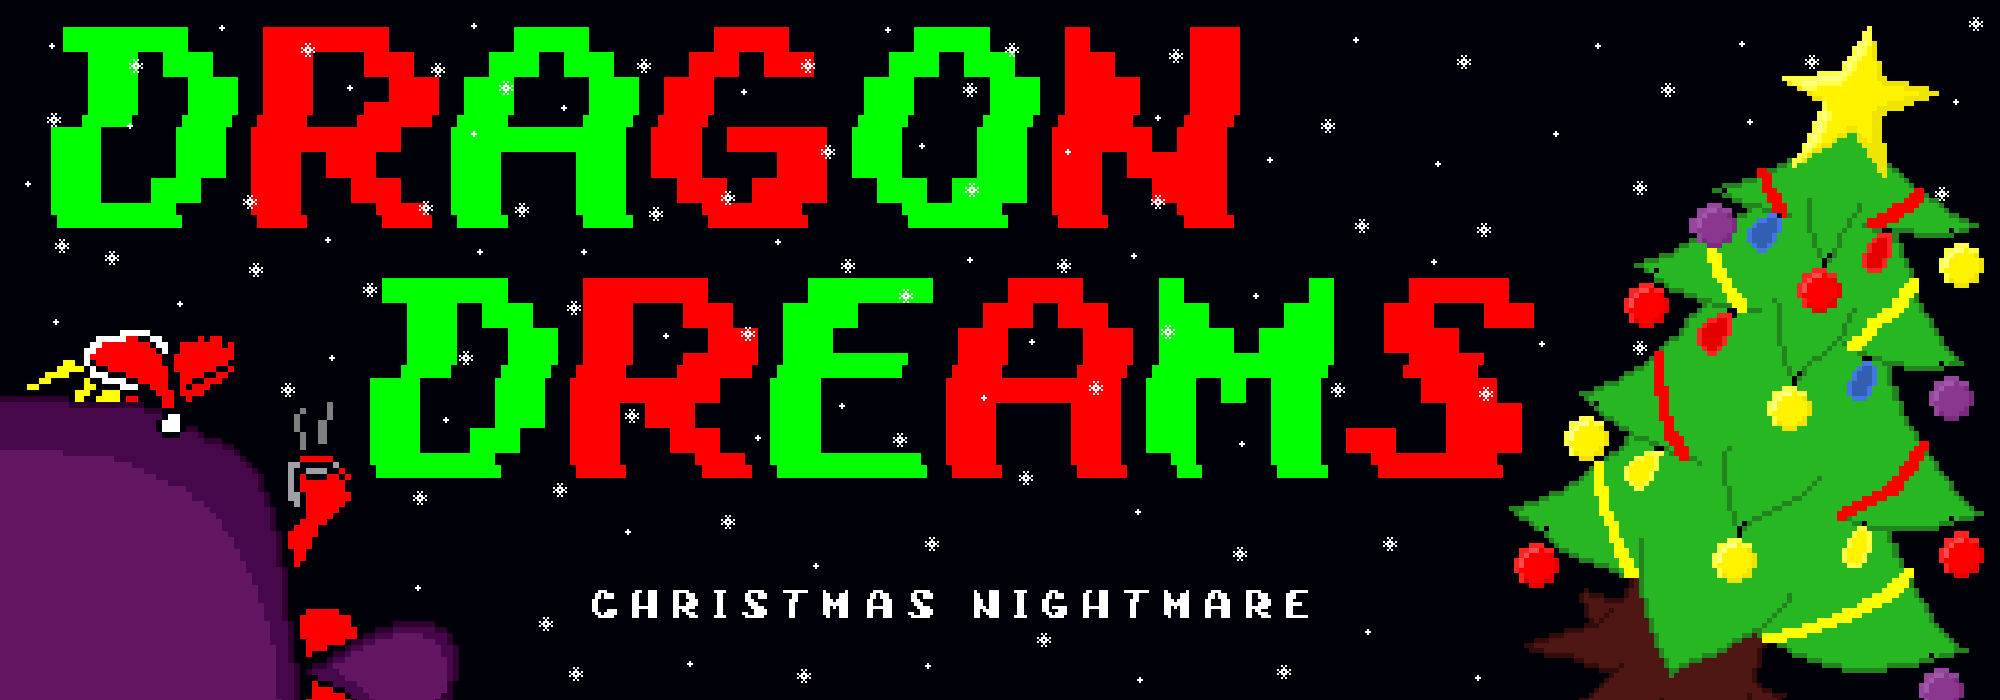 Dragon Dreams: Christmas Nightmare